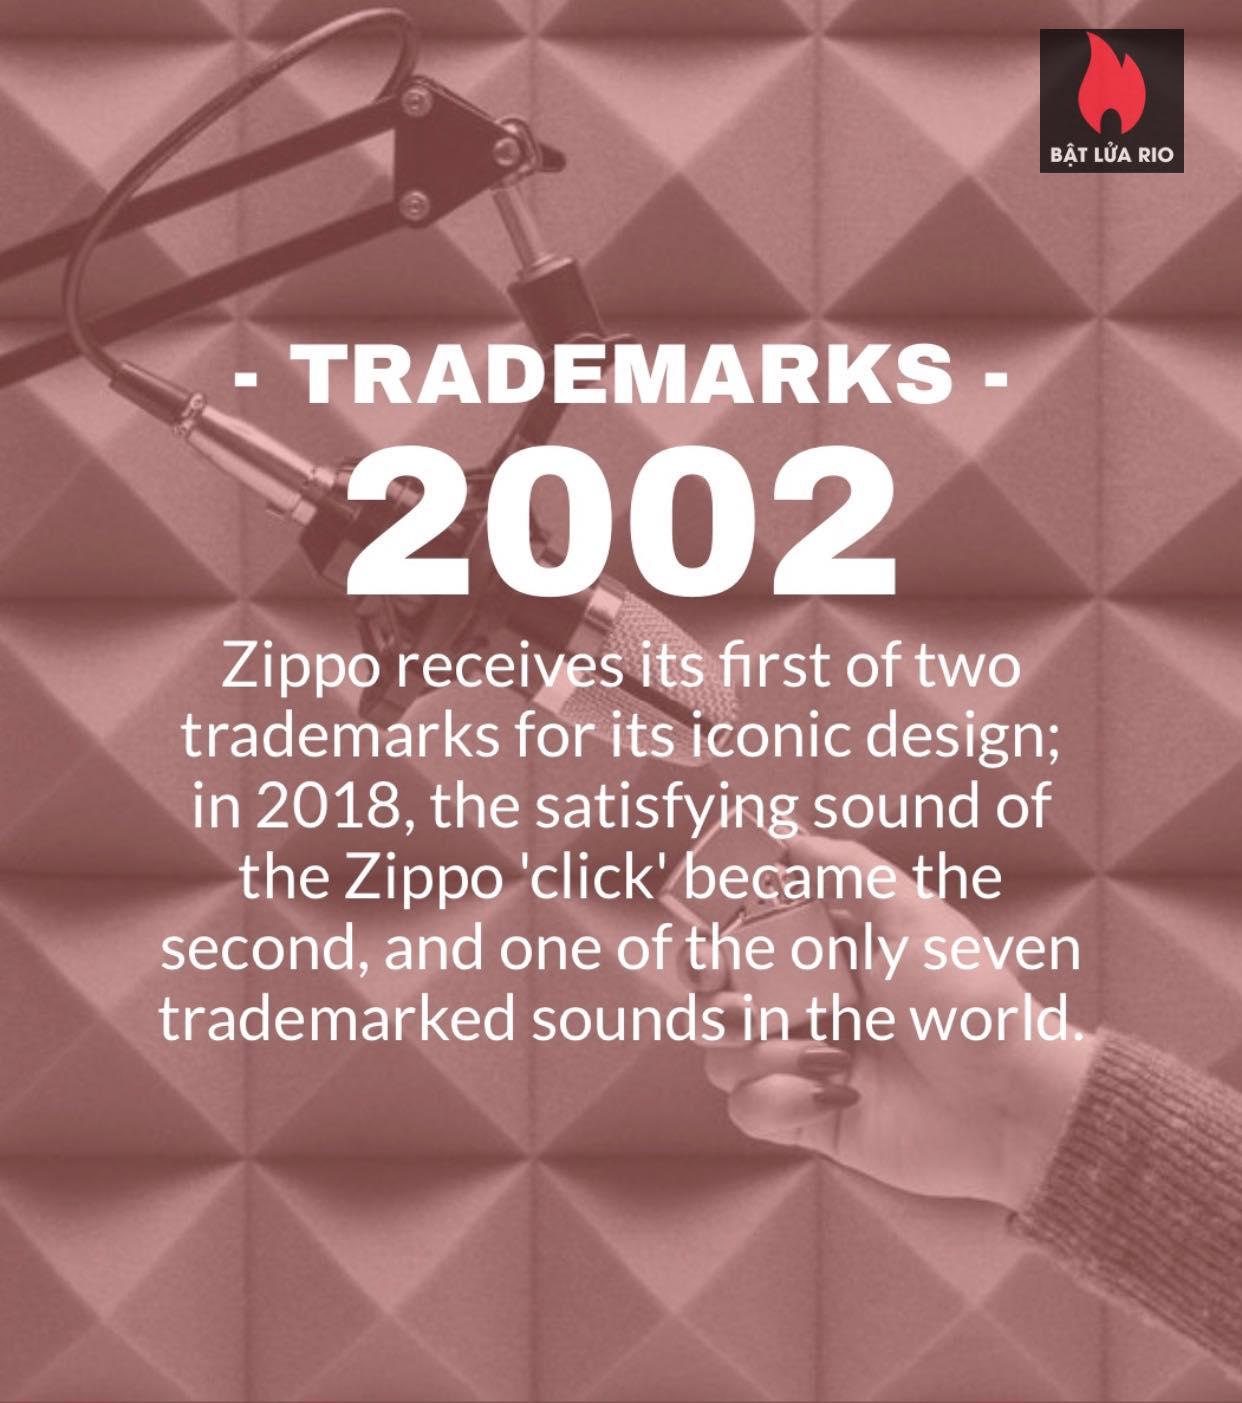 Chiếc bật lửa Zippo thứ 600 triệu trong lịch sử 15